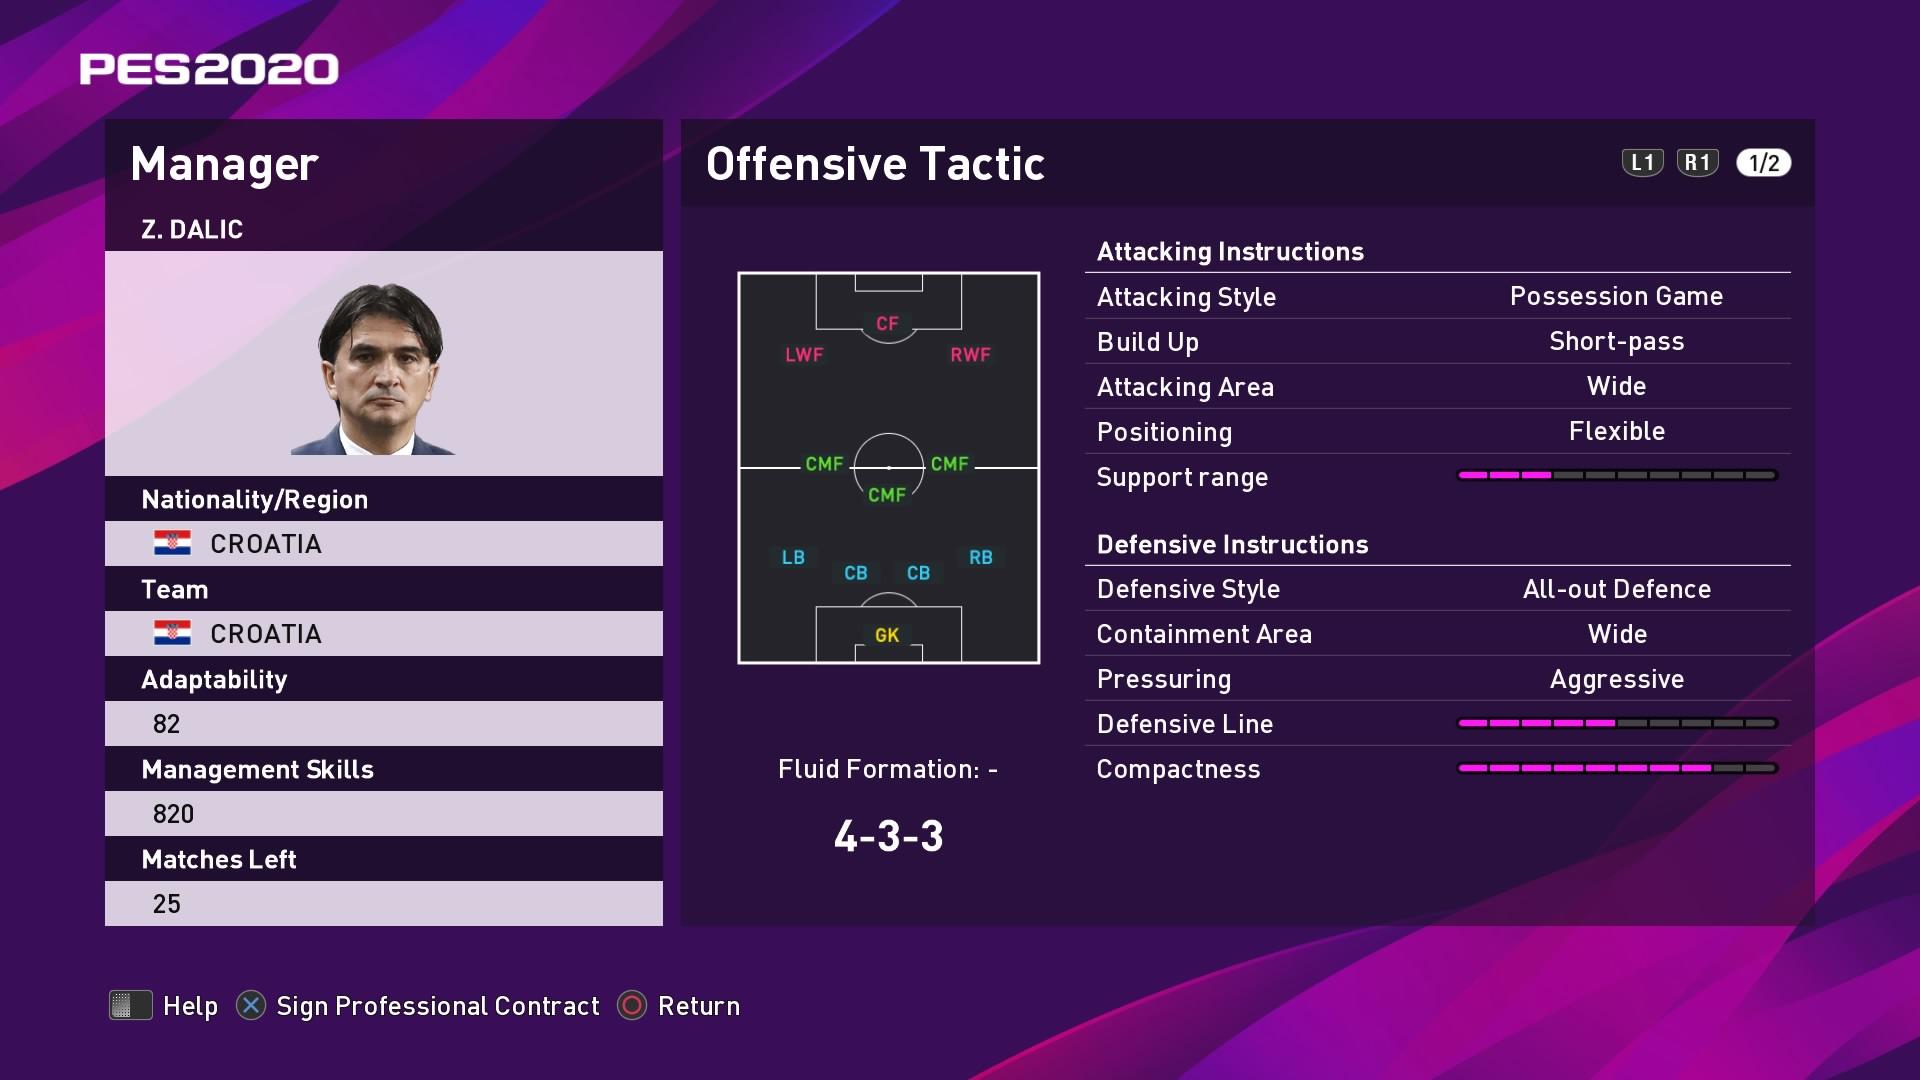 Z. Dalic (2) (Zlatko Dalić) Offensive Tactic in PES 2020 myClub